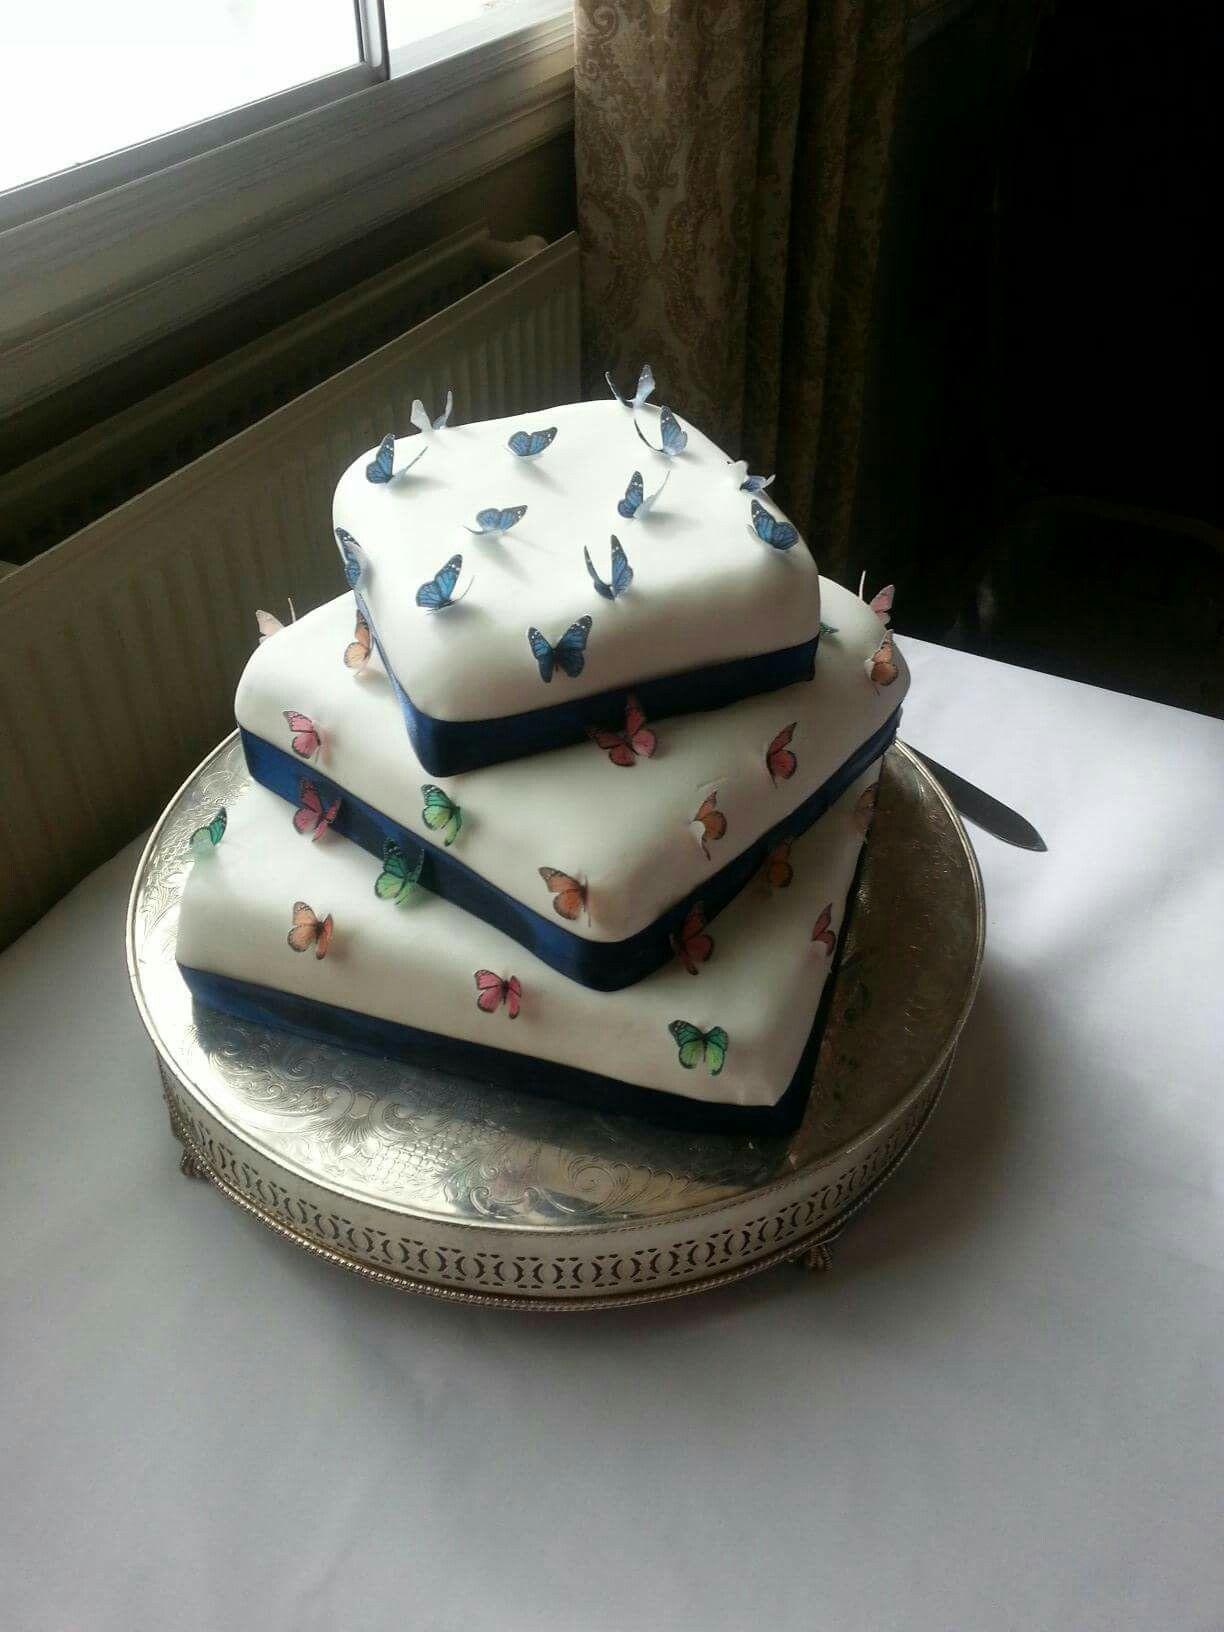 Sacrewell farm wedding cakes